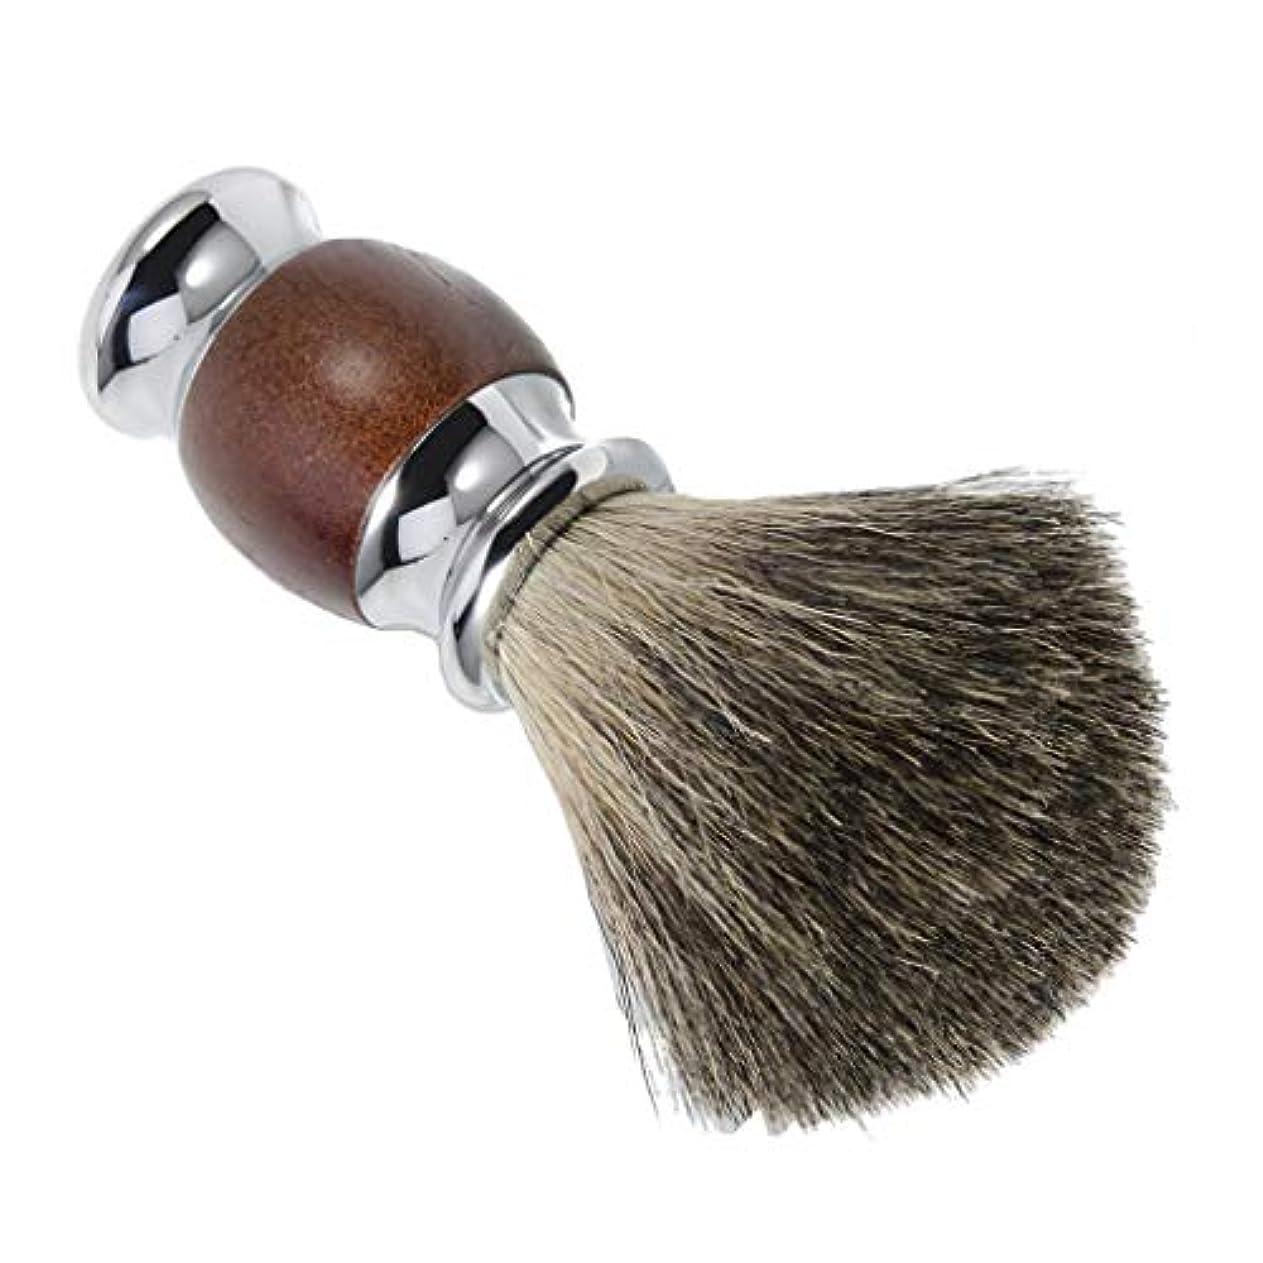 効率レシピ粗いメンズ シェービングブラシ 木製ハンドル サロン 髭剃りツール 理容 洗顔 プレゼント